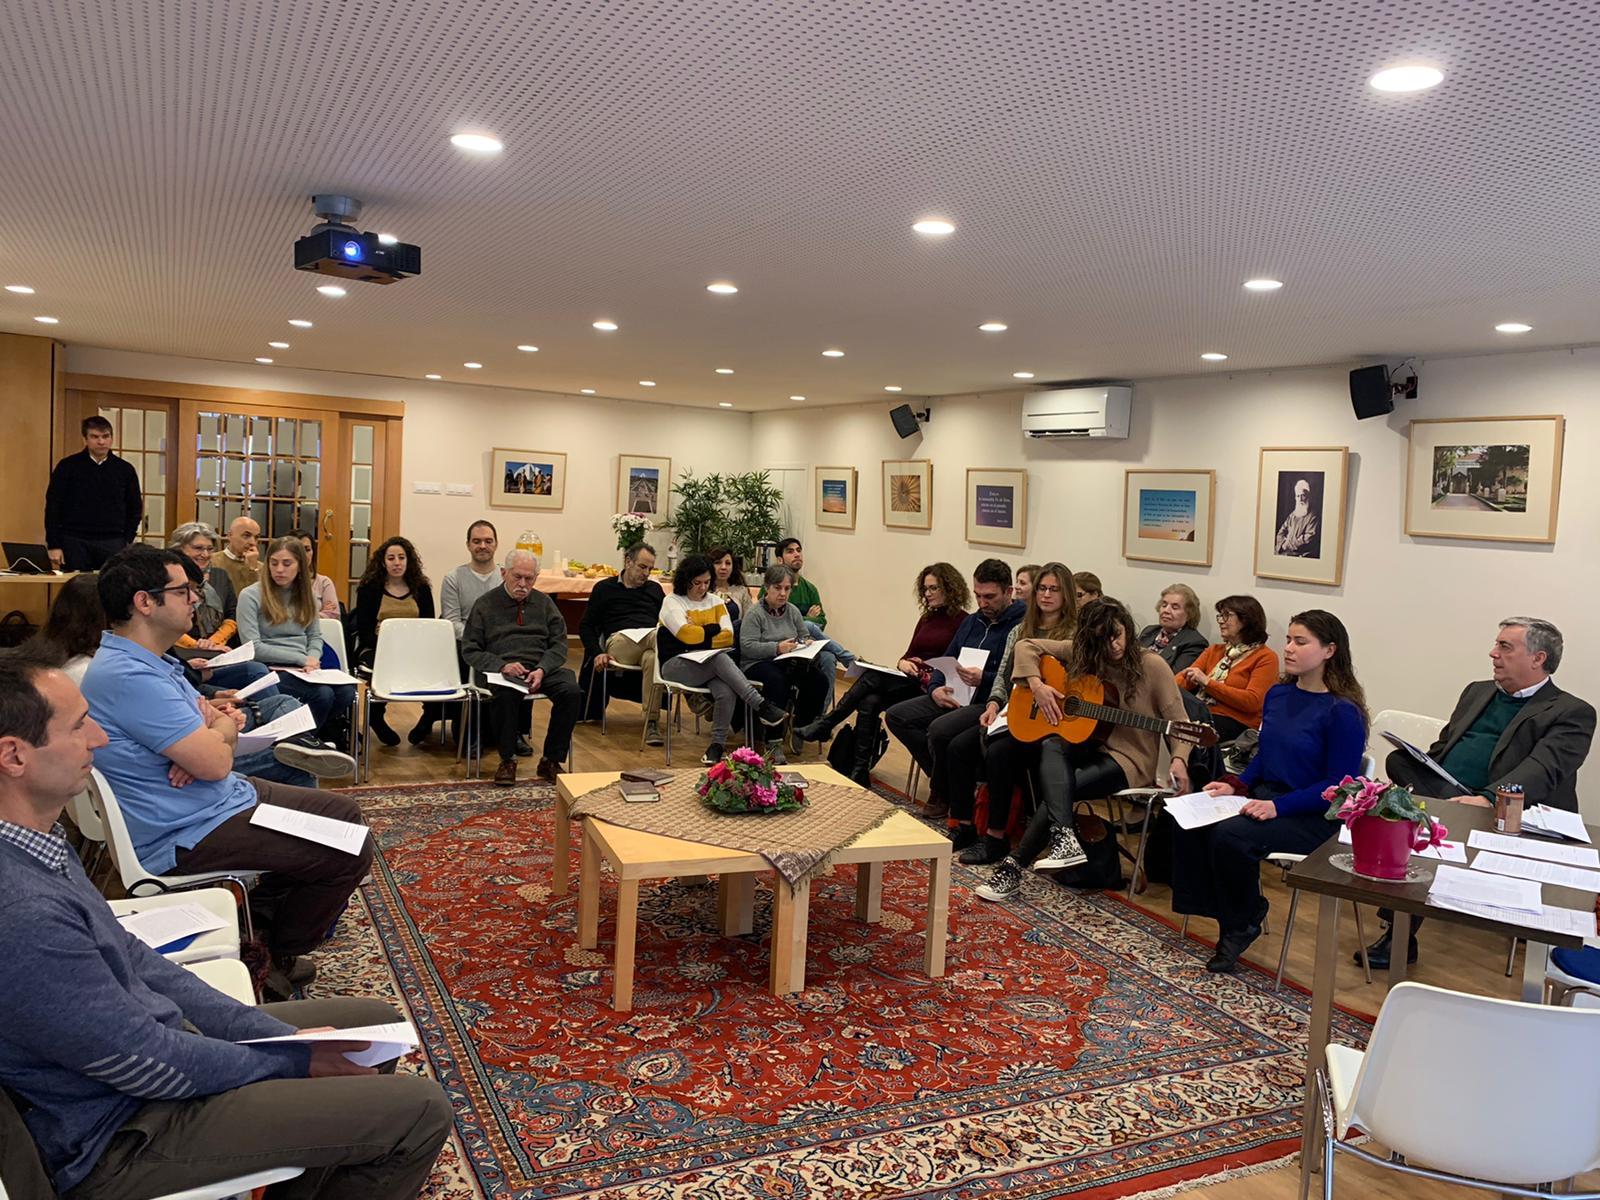 Primera-Asamblea-espiritual-Nacional-Bahai-de-España